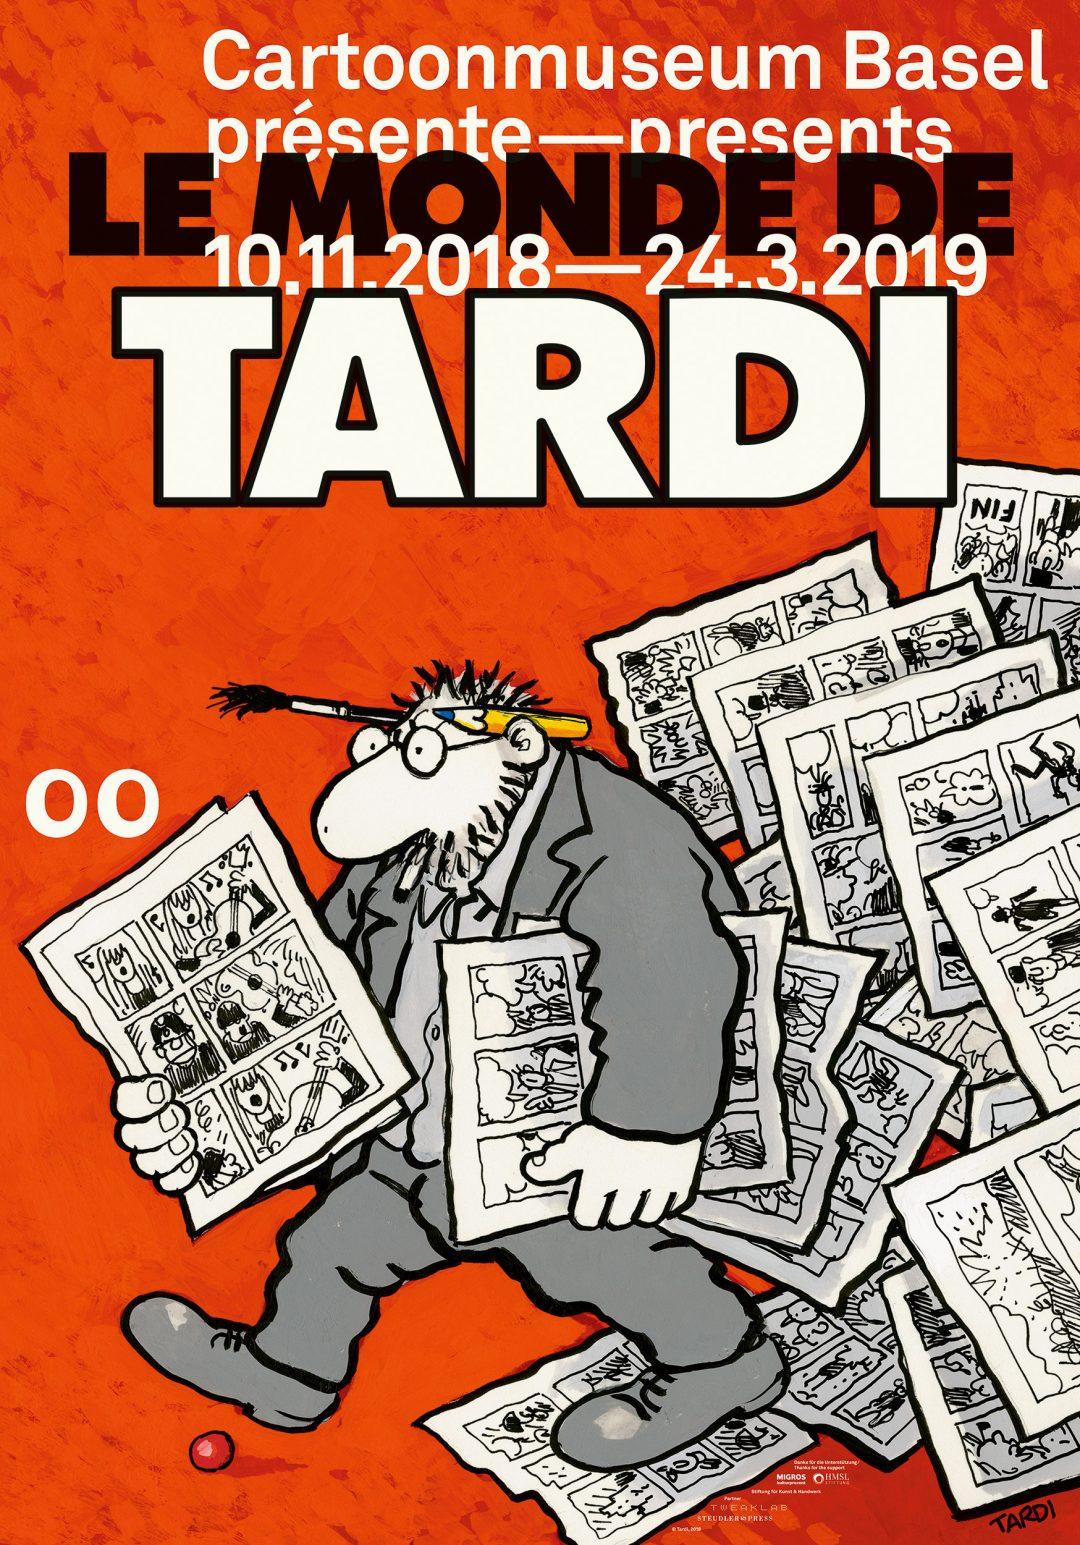 Tardi in Basel